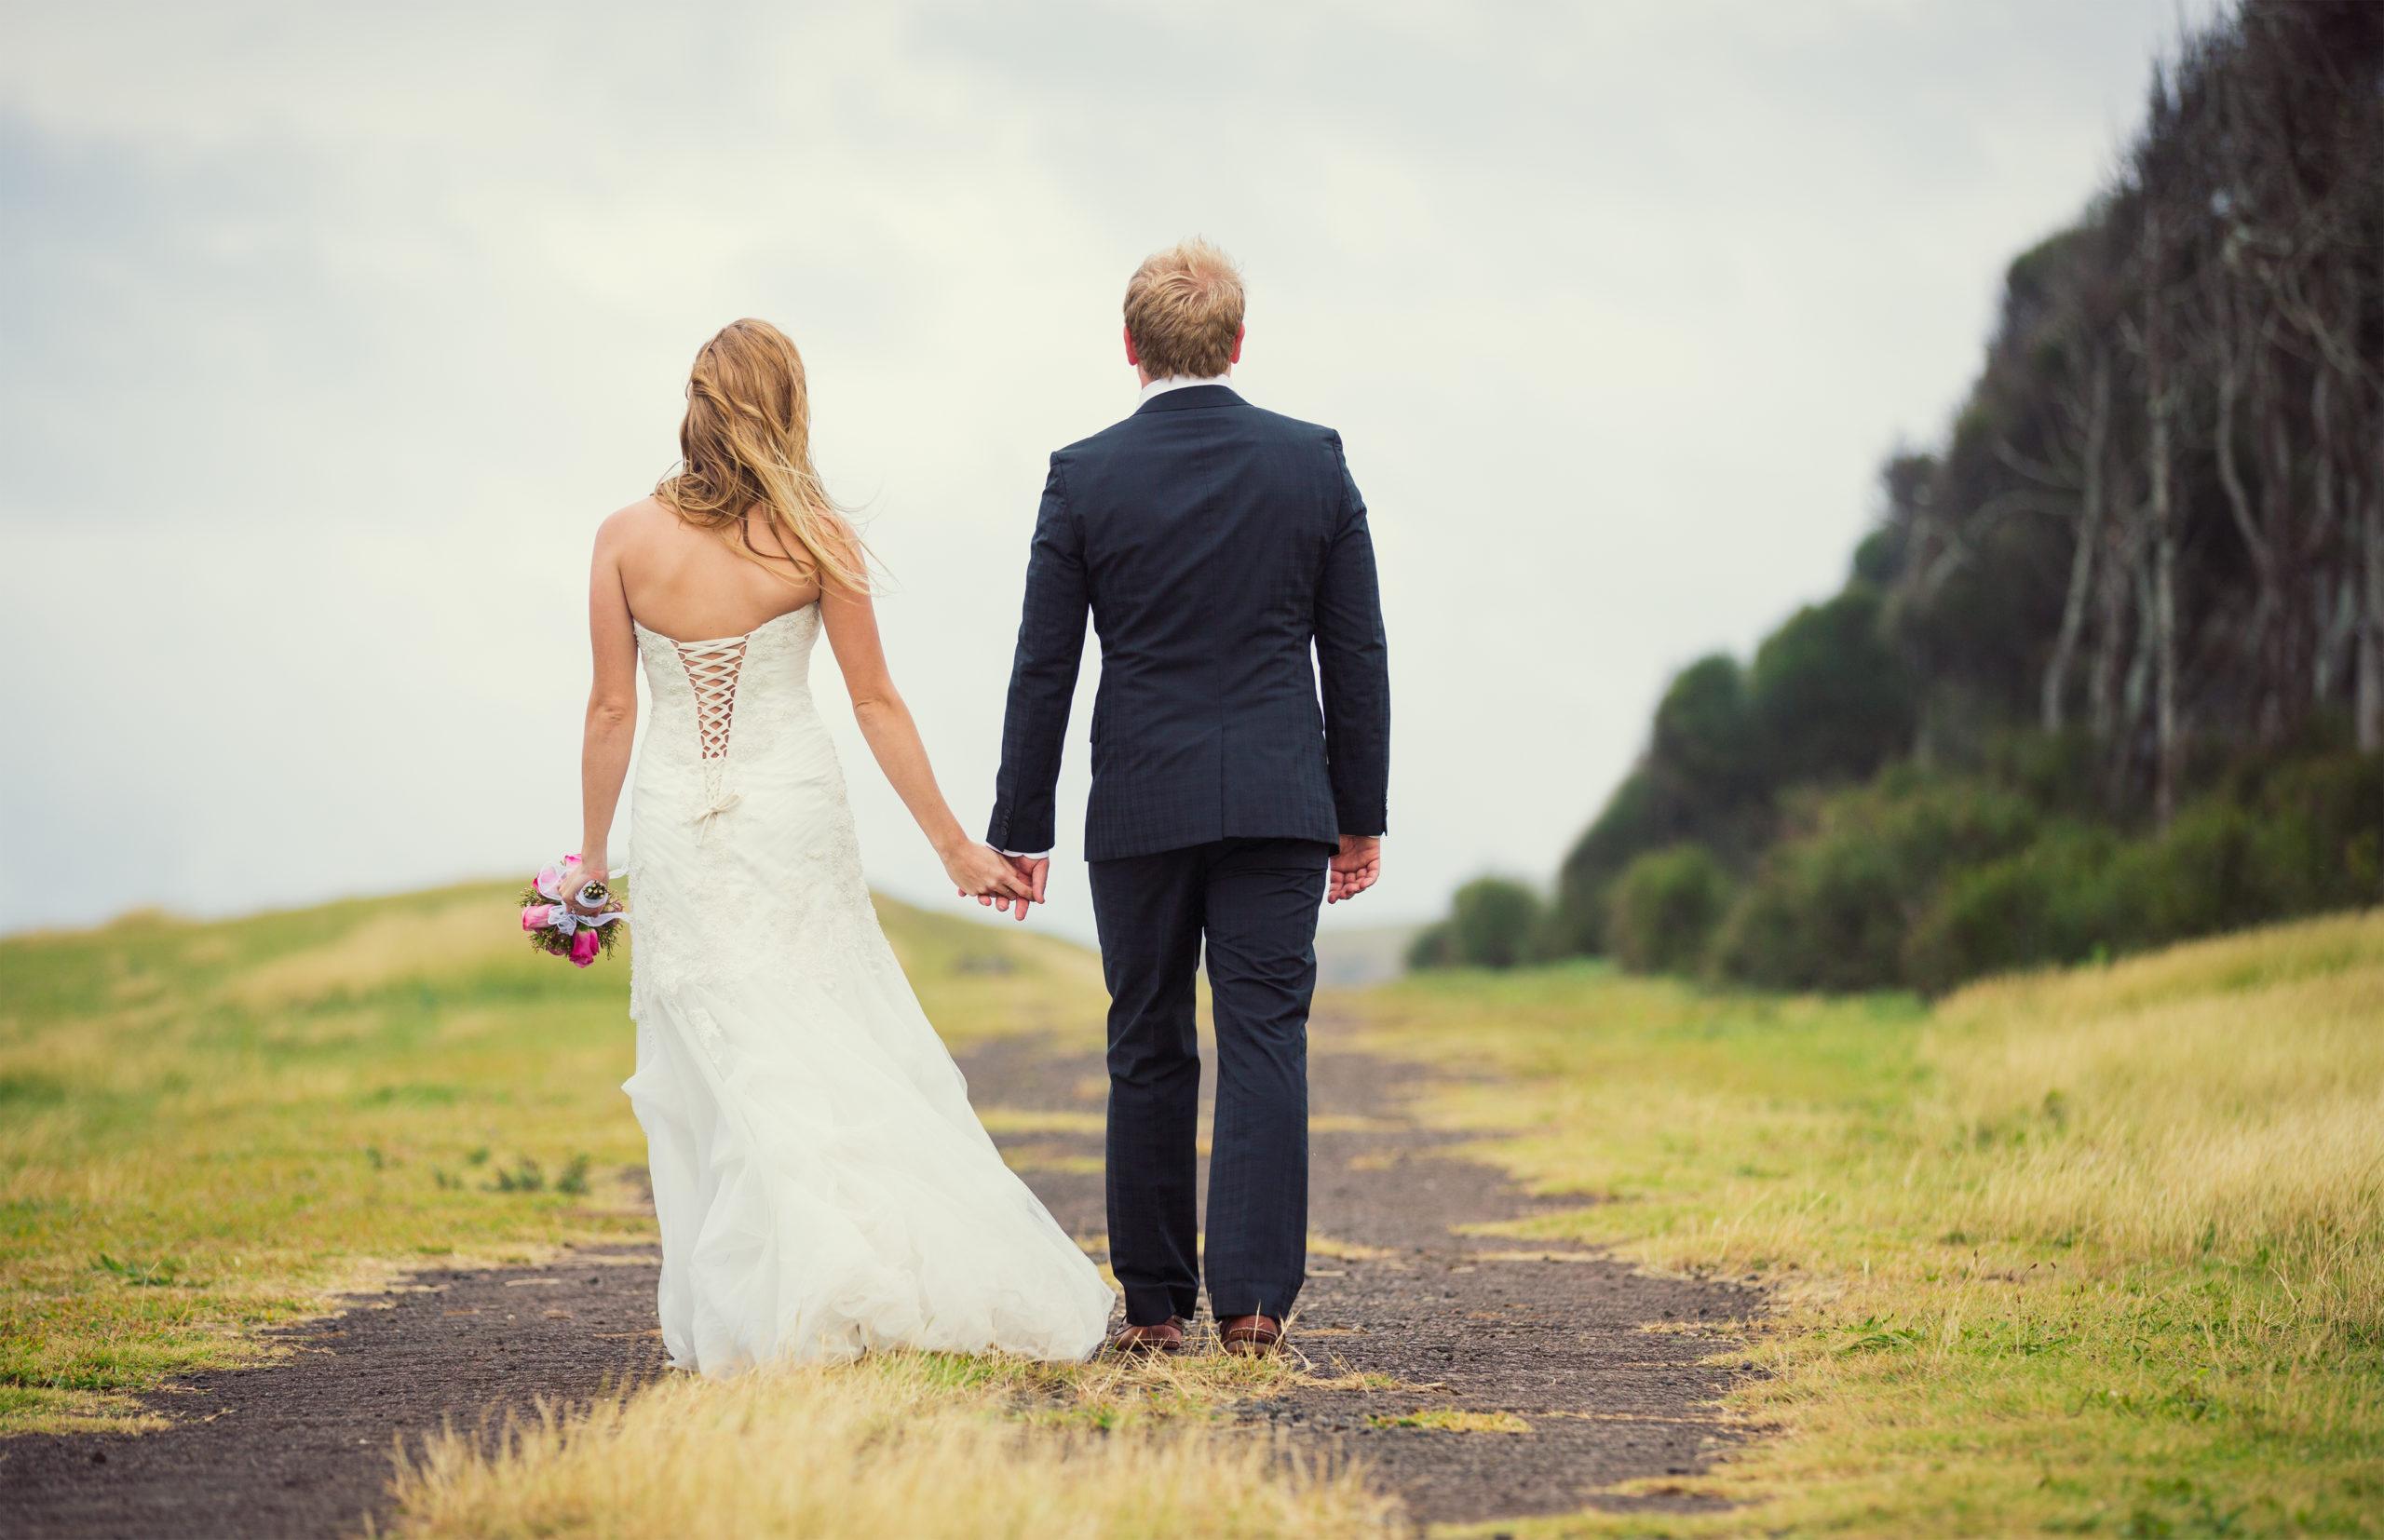 Ein Hochzeitsfotograf hält den schönsten Tag im Leben fest.